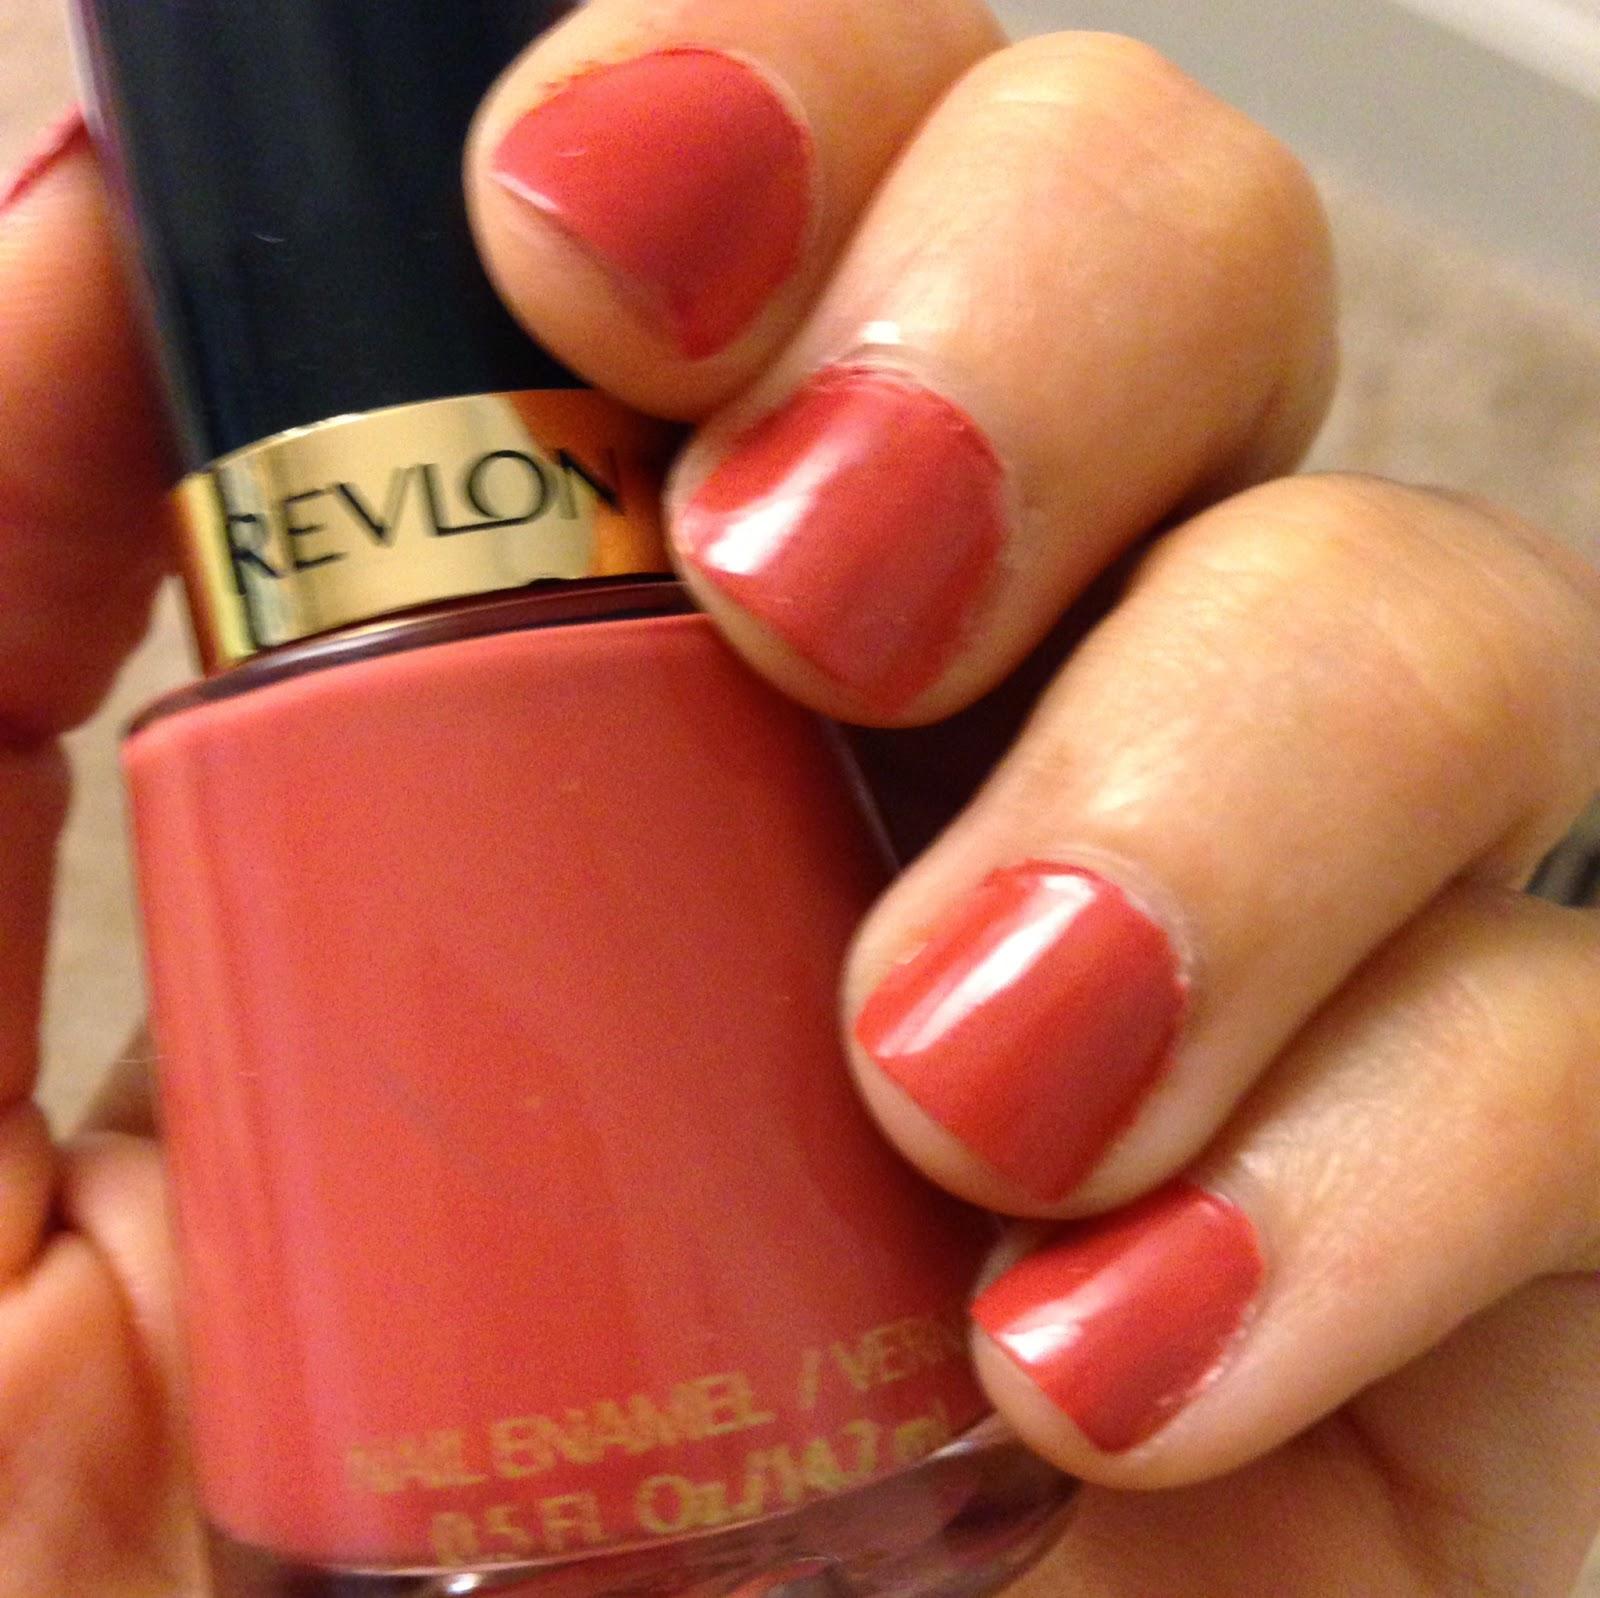 Haute in Hell: Friday Fingers!: Revlon Nail Enamel - Teak Rose